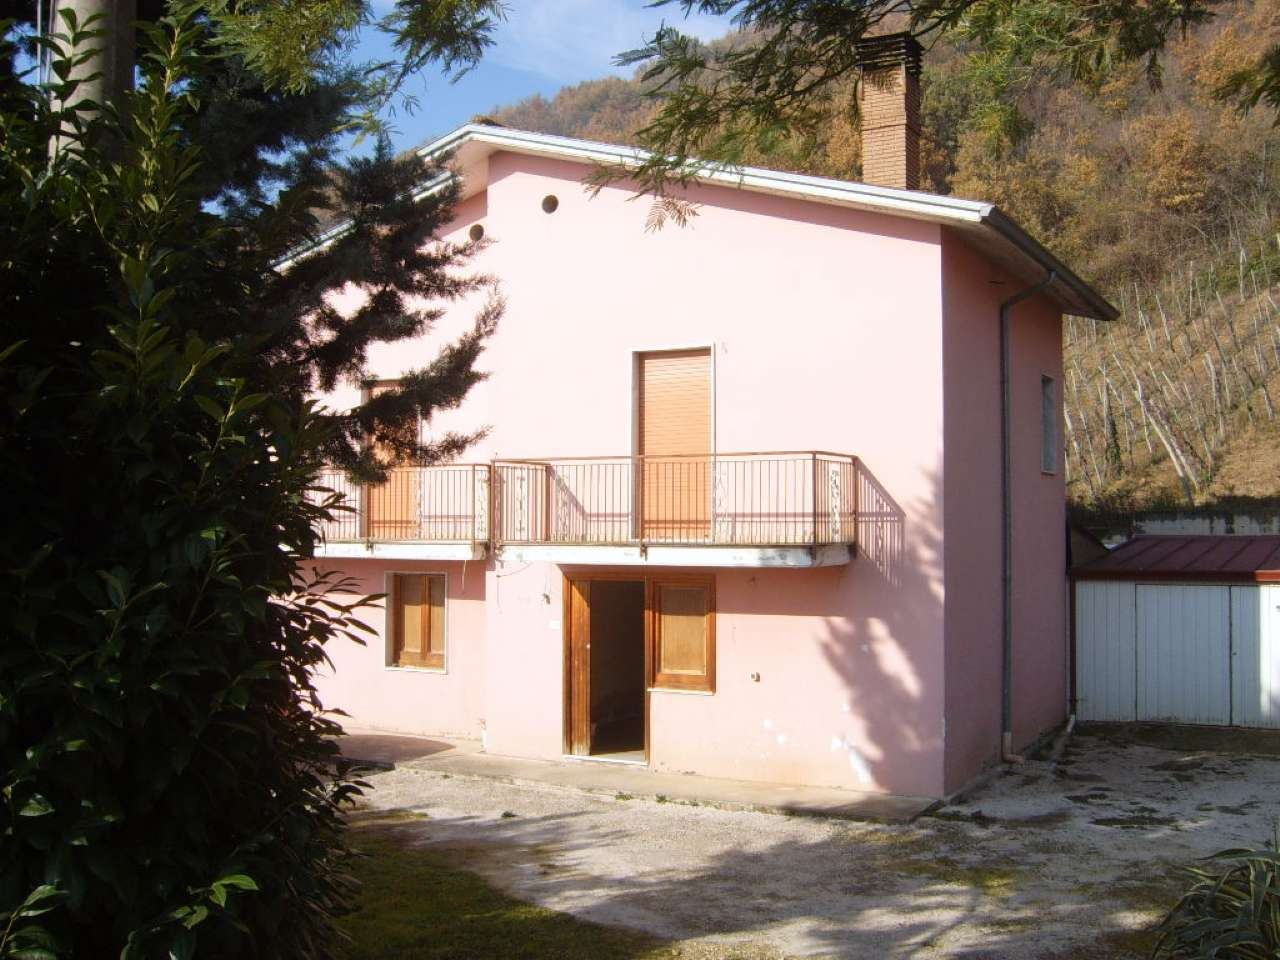 Casa indipendente trilocale in vendita a Torrioni (AV)